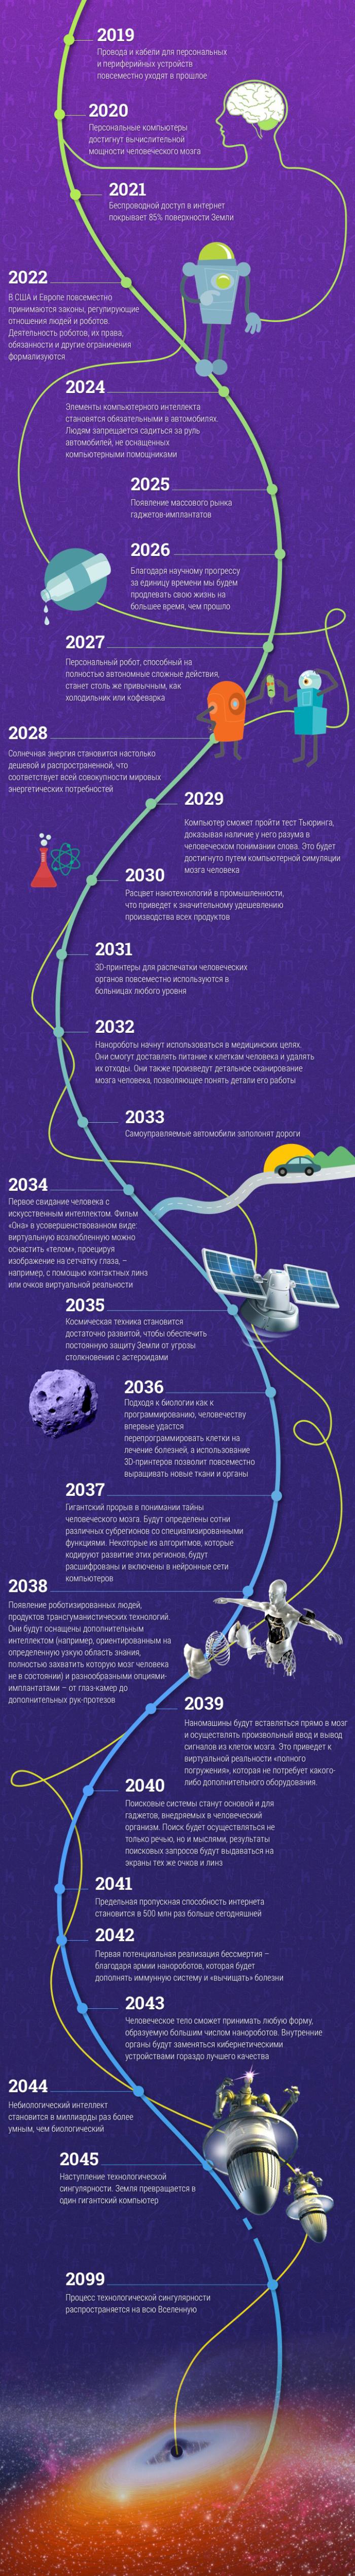 Прогноз технического директора Google Рэя Курцвейла о том, что нас ждет в будущем (картинка)